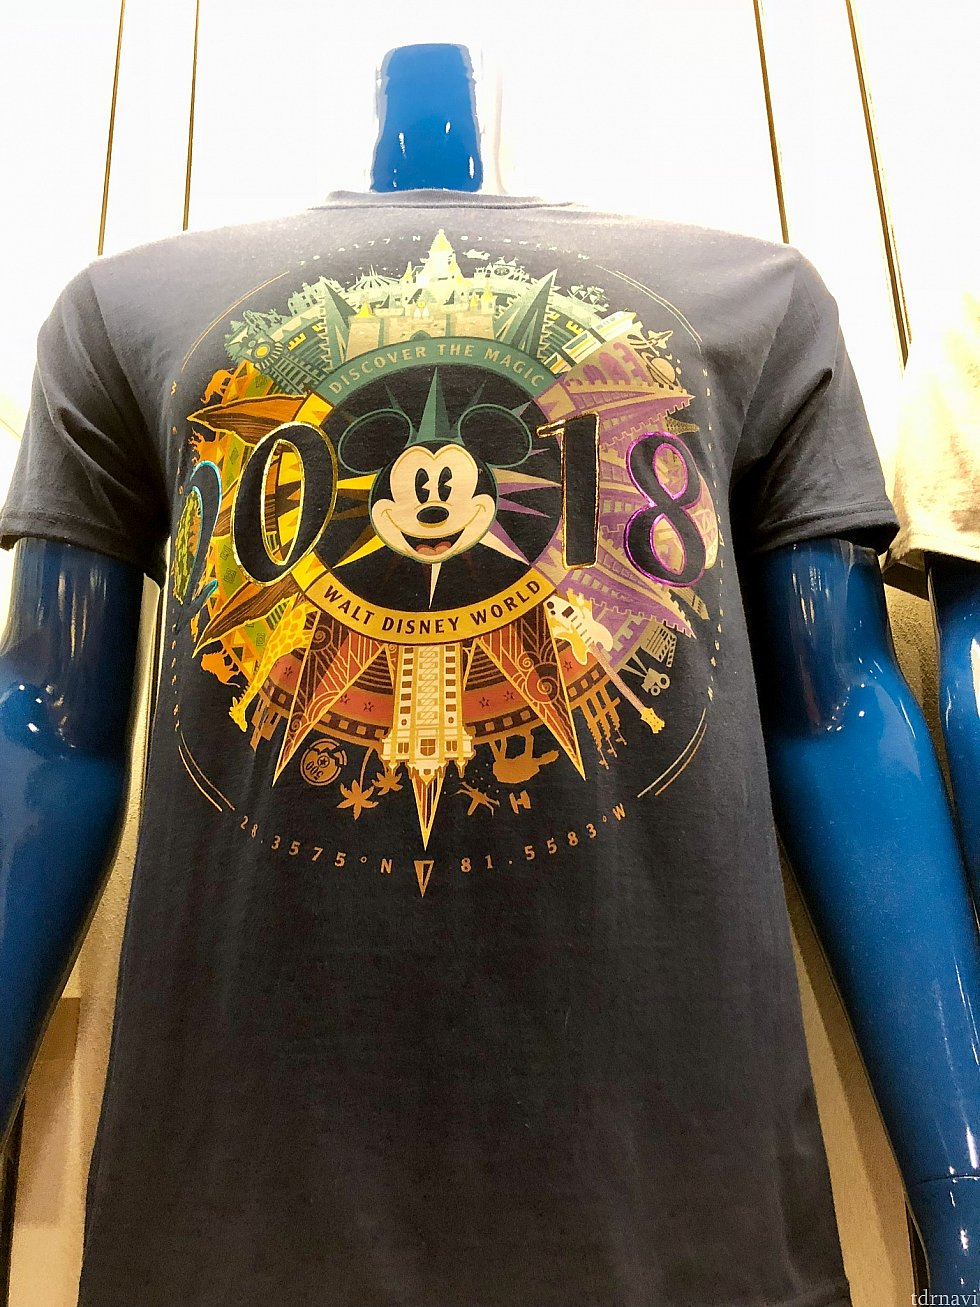 2018年グッズのロゴ、かなりデザイン性が高いと思うんですが、良く見ると、WDWの4パークのランドマークが描かれているんですね。このTシャツは一番そのロゴがはっきりわかるグッズだと思います。$24.99